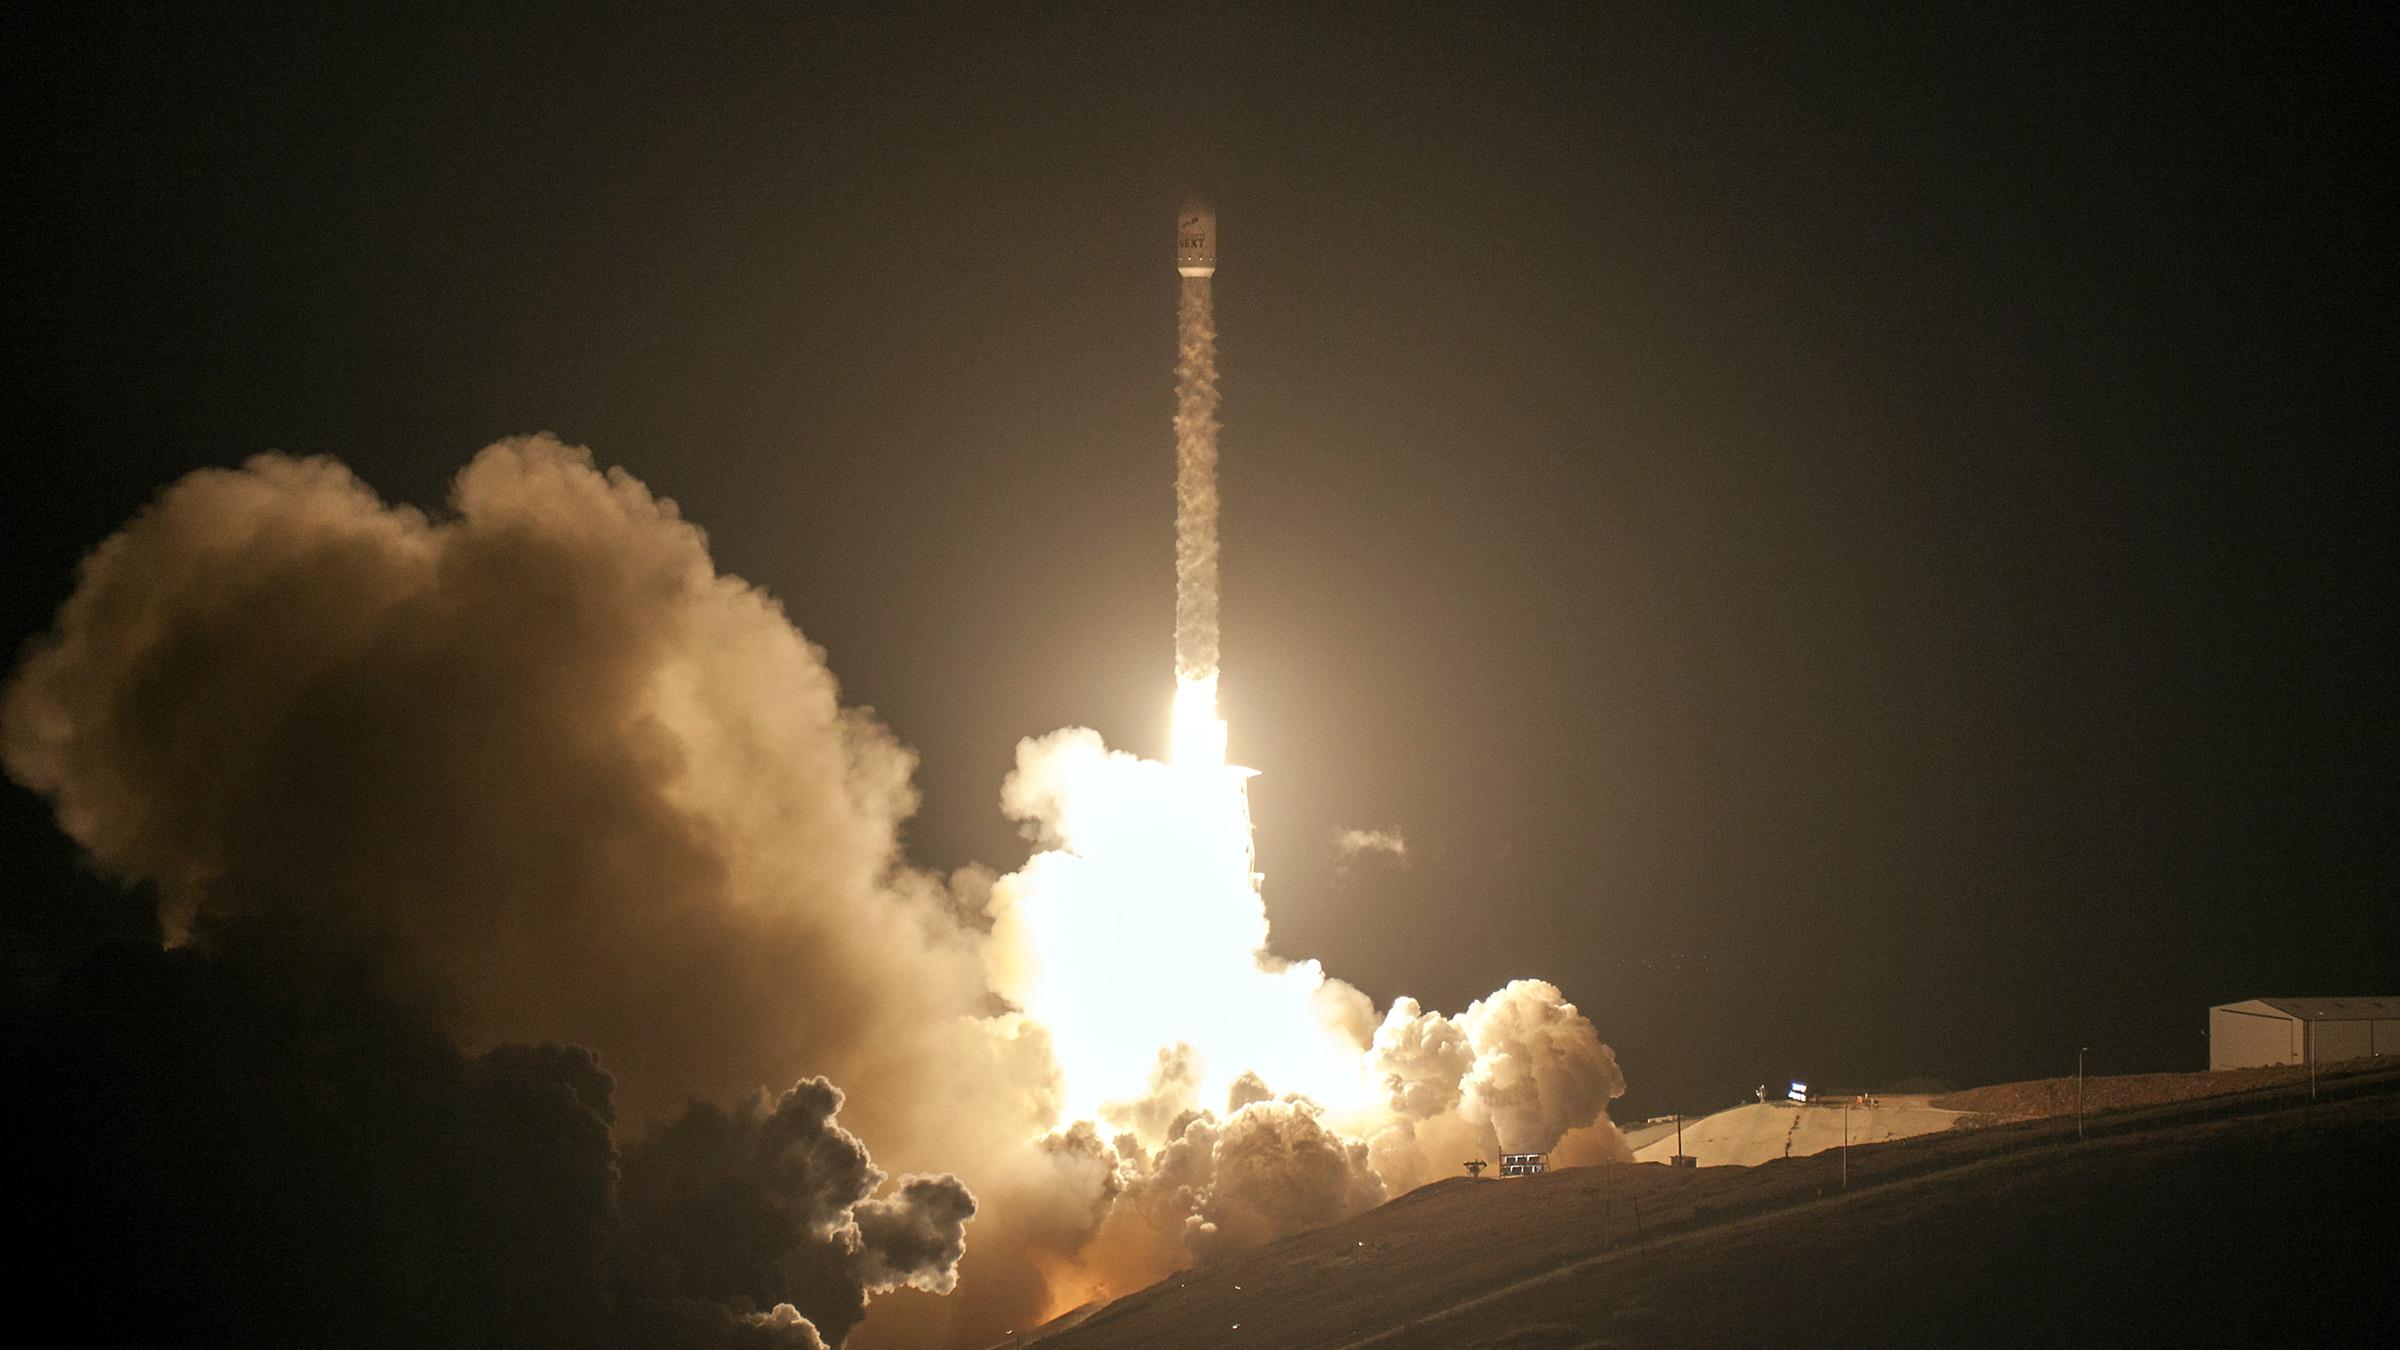 This rocket launched ten Iridium satellites in October 2017